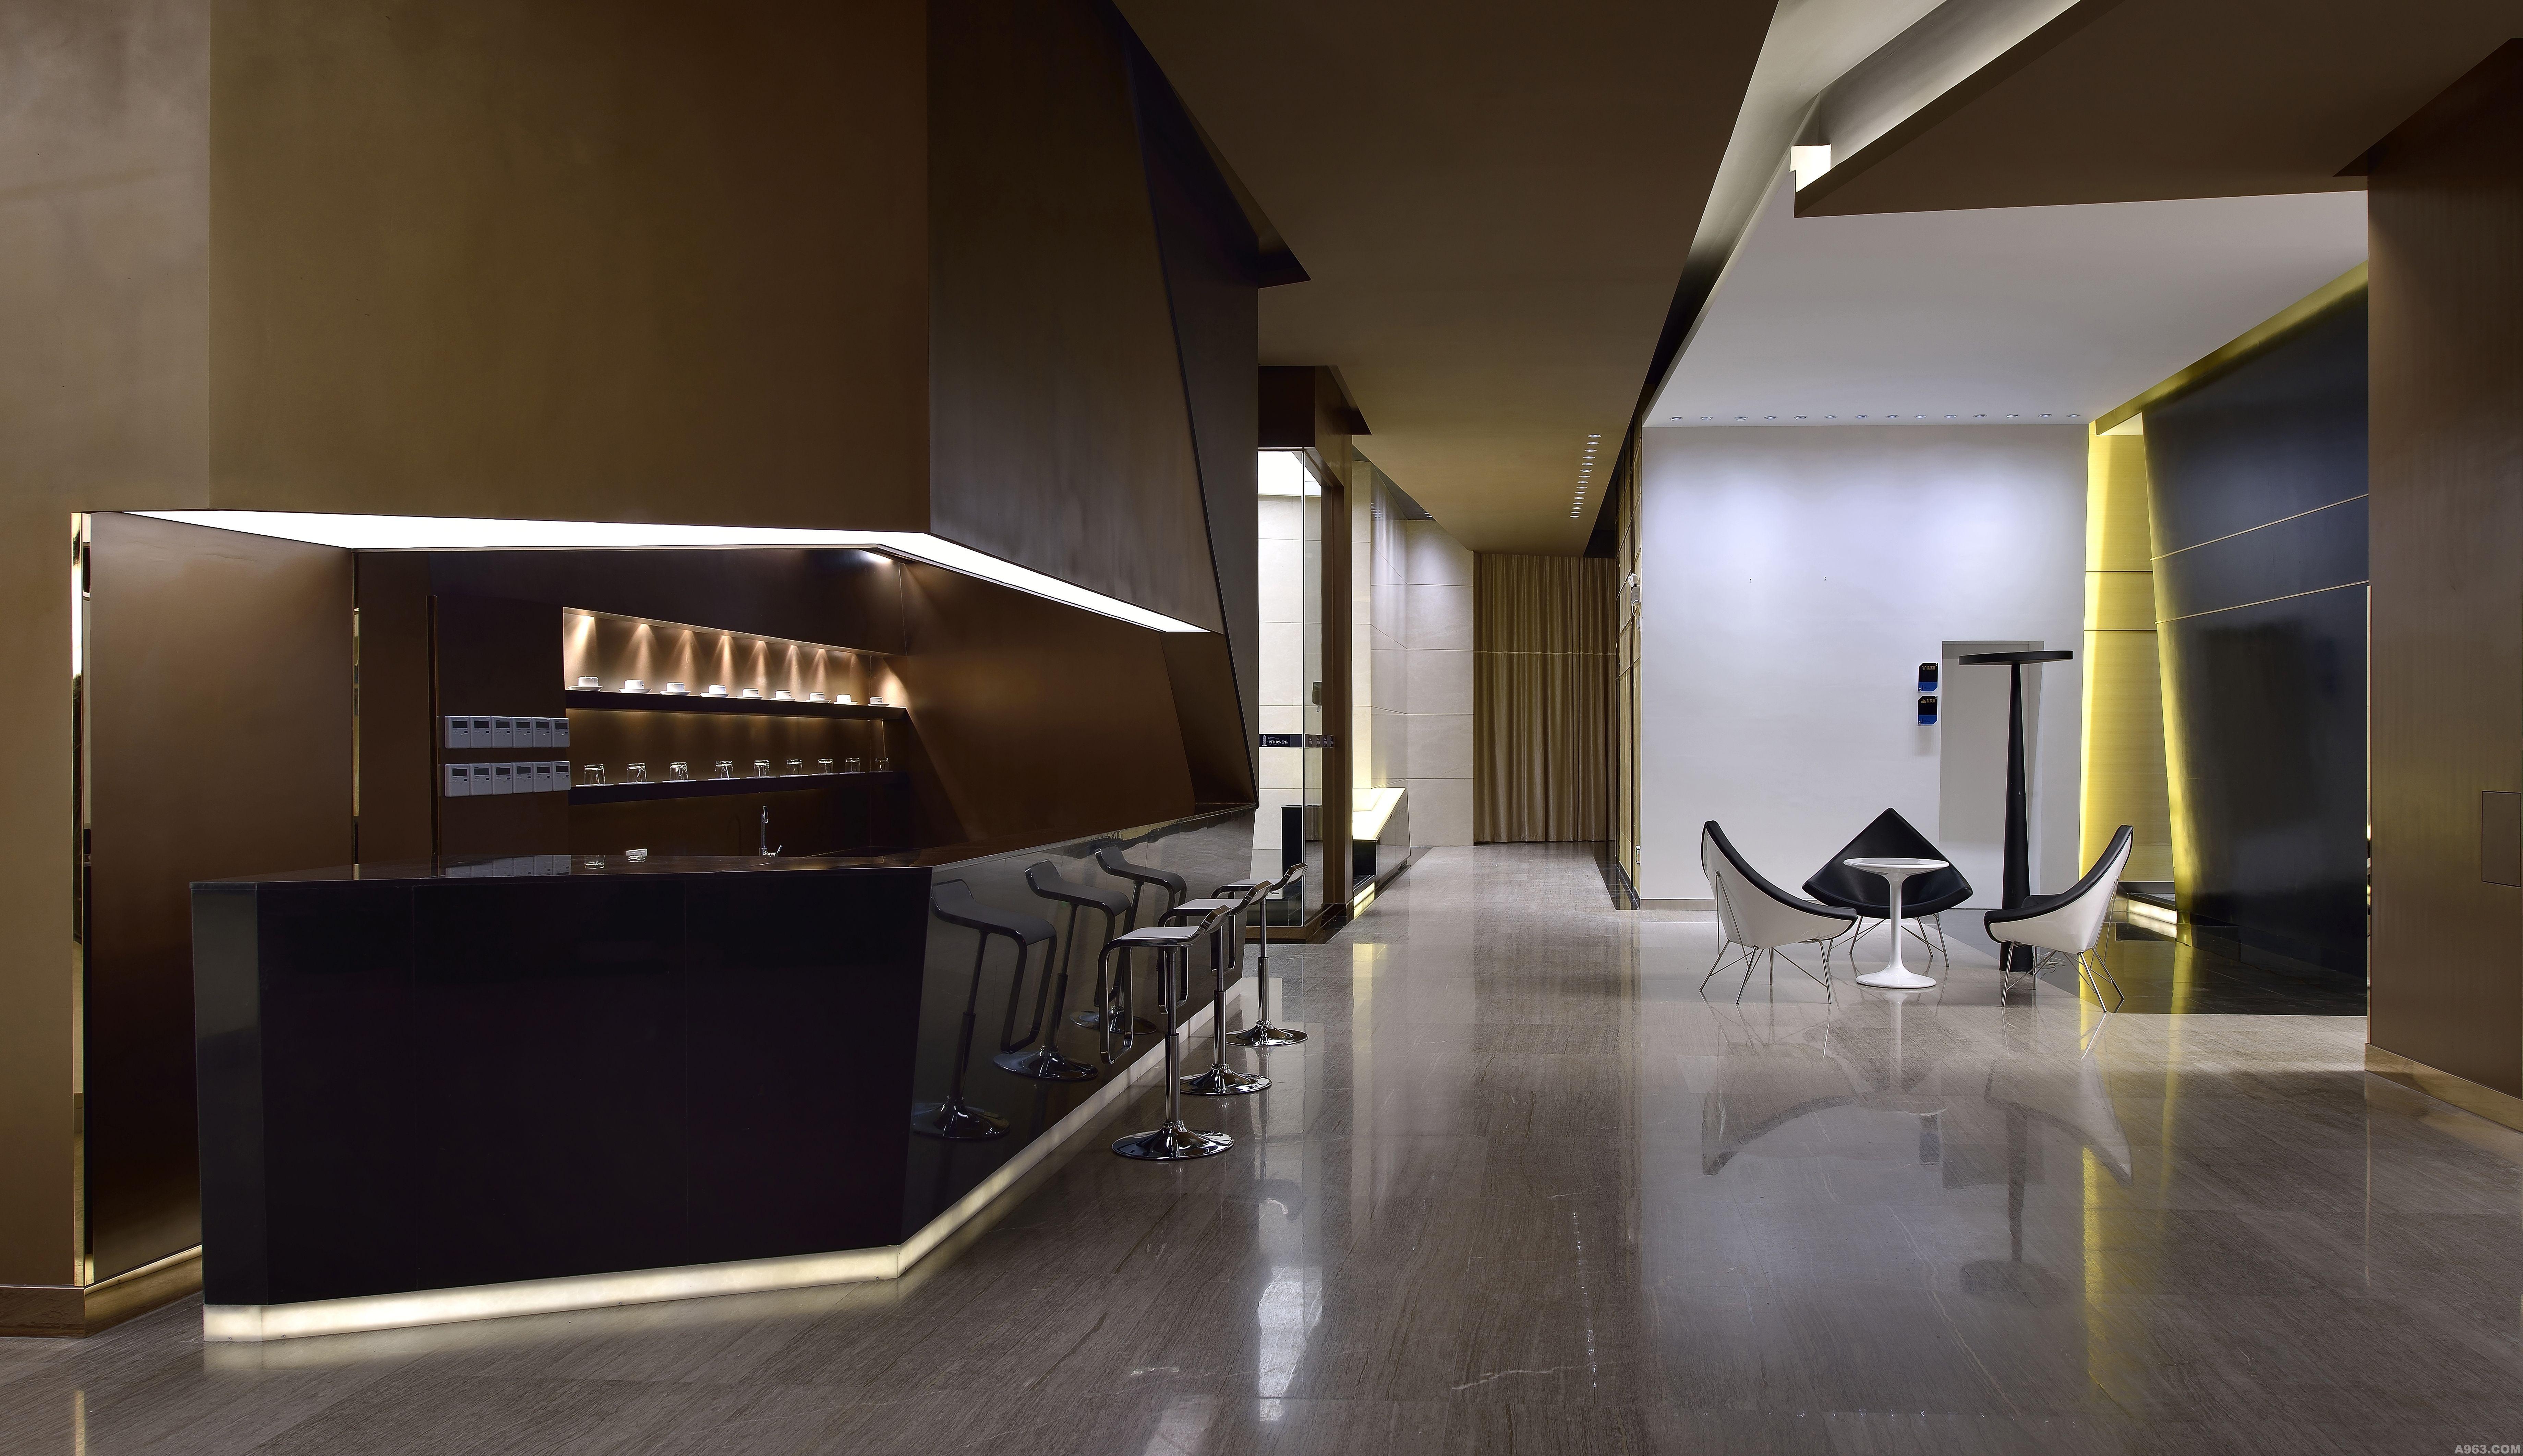 宇洋中央金座 - 商业空间 - 福州室内设计网_福州室内